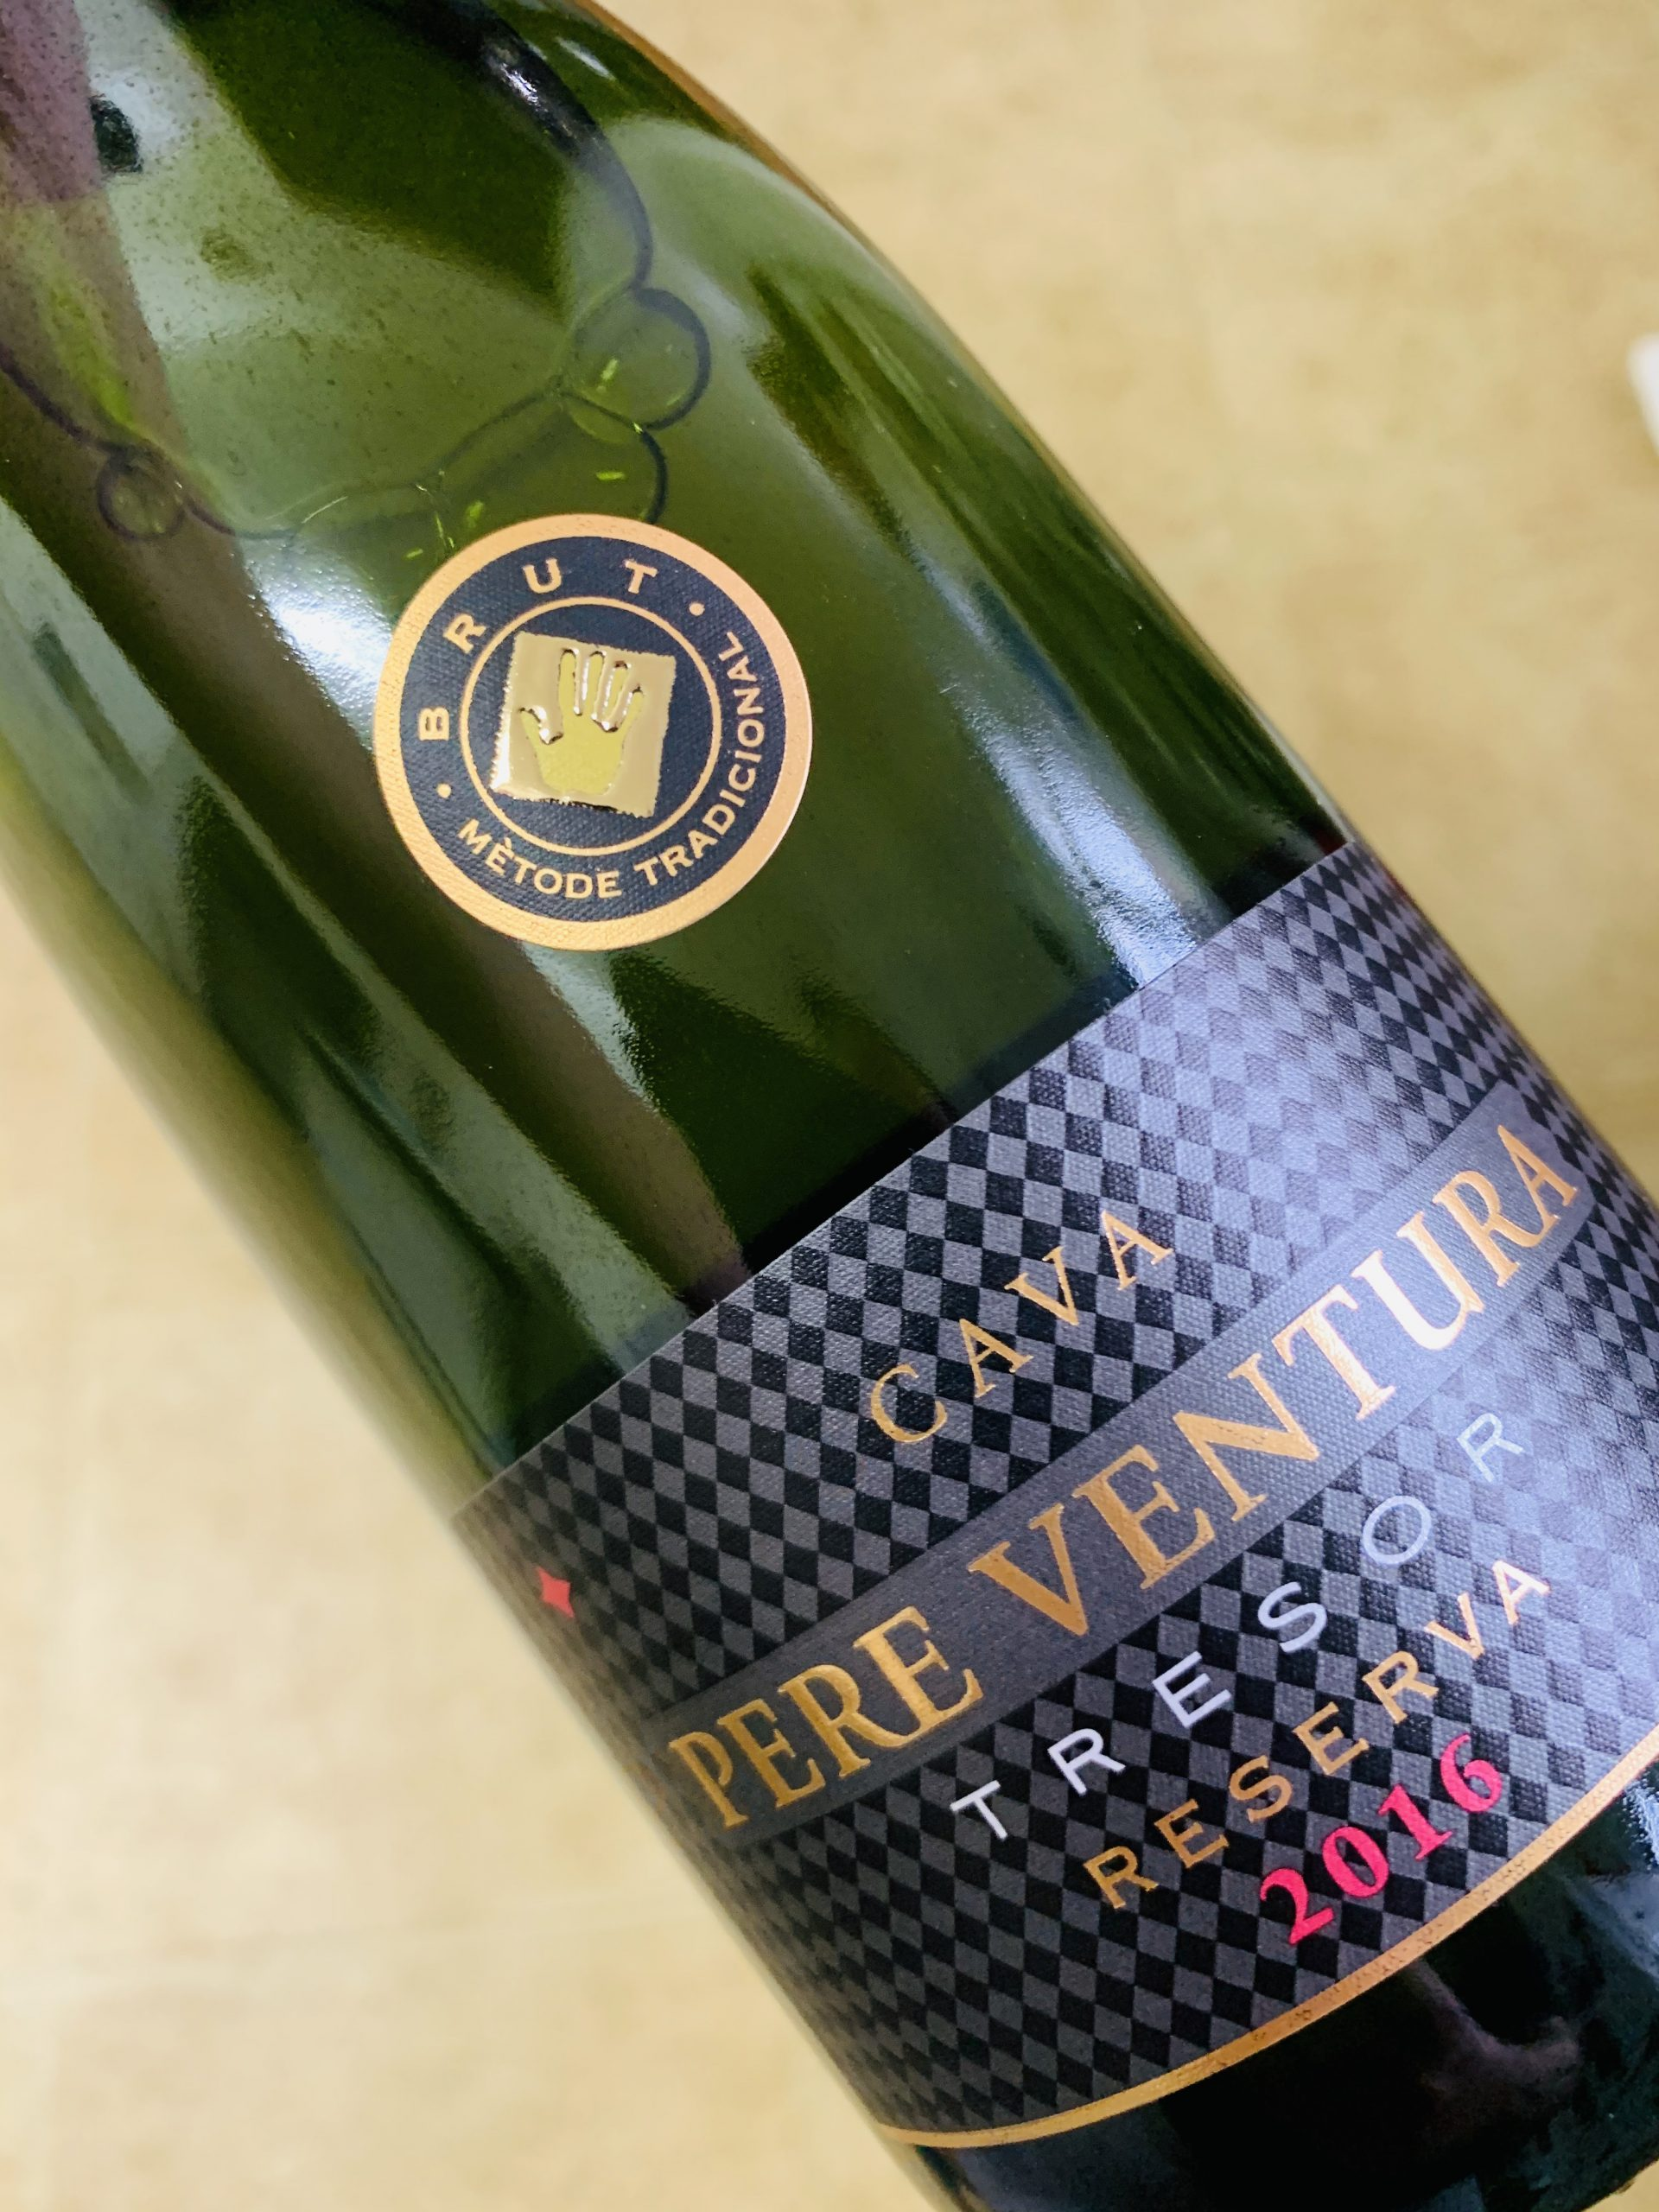 Bubbly Wine Education-Pere Ventura Cava Tresor Brut Reserva